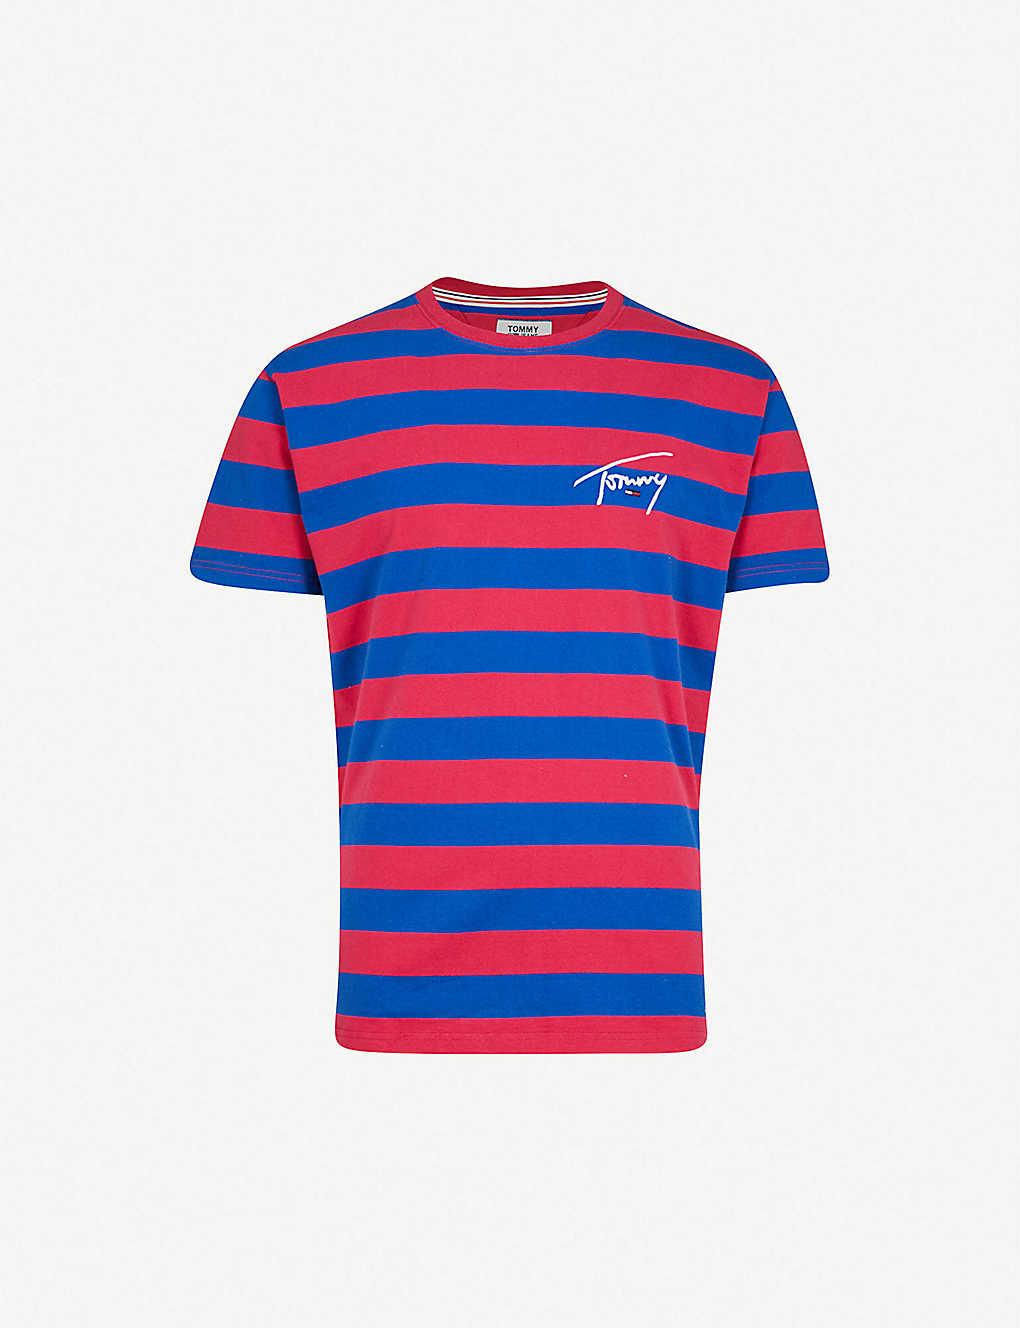 2037cb9335 TOMMY JEANS - Signature striped cotton-jersey T-shirt | Selfridges.com